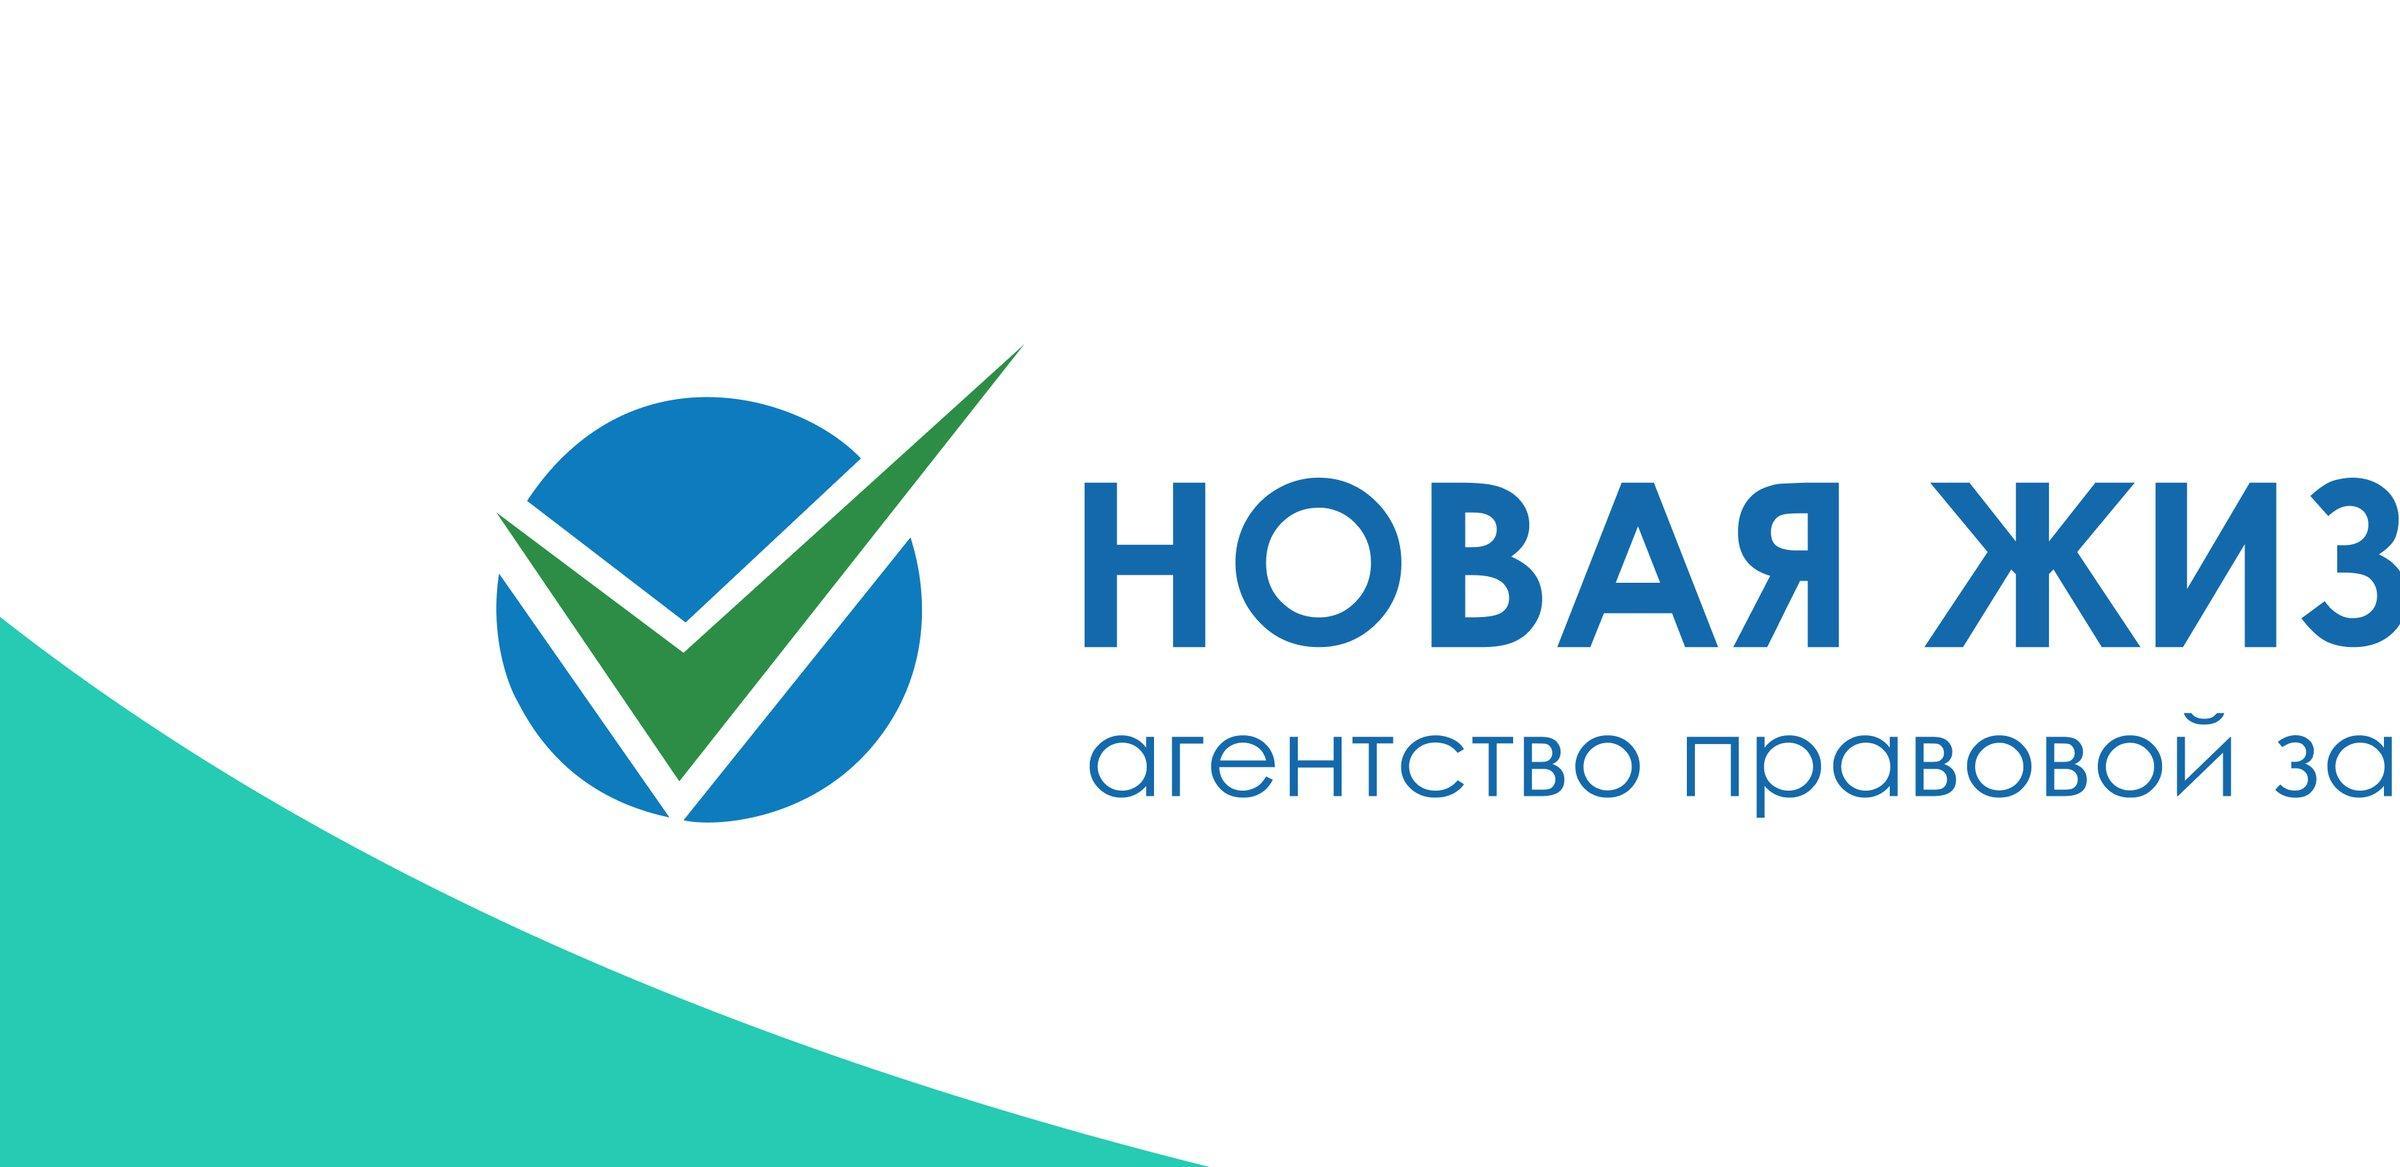 единая служба защиты от кредитов отзывысобственность занятых